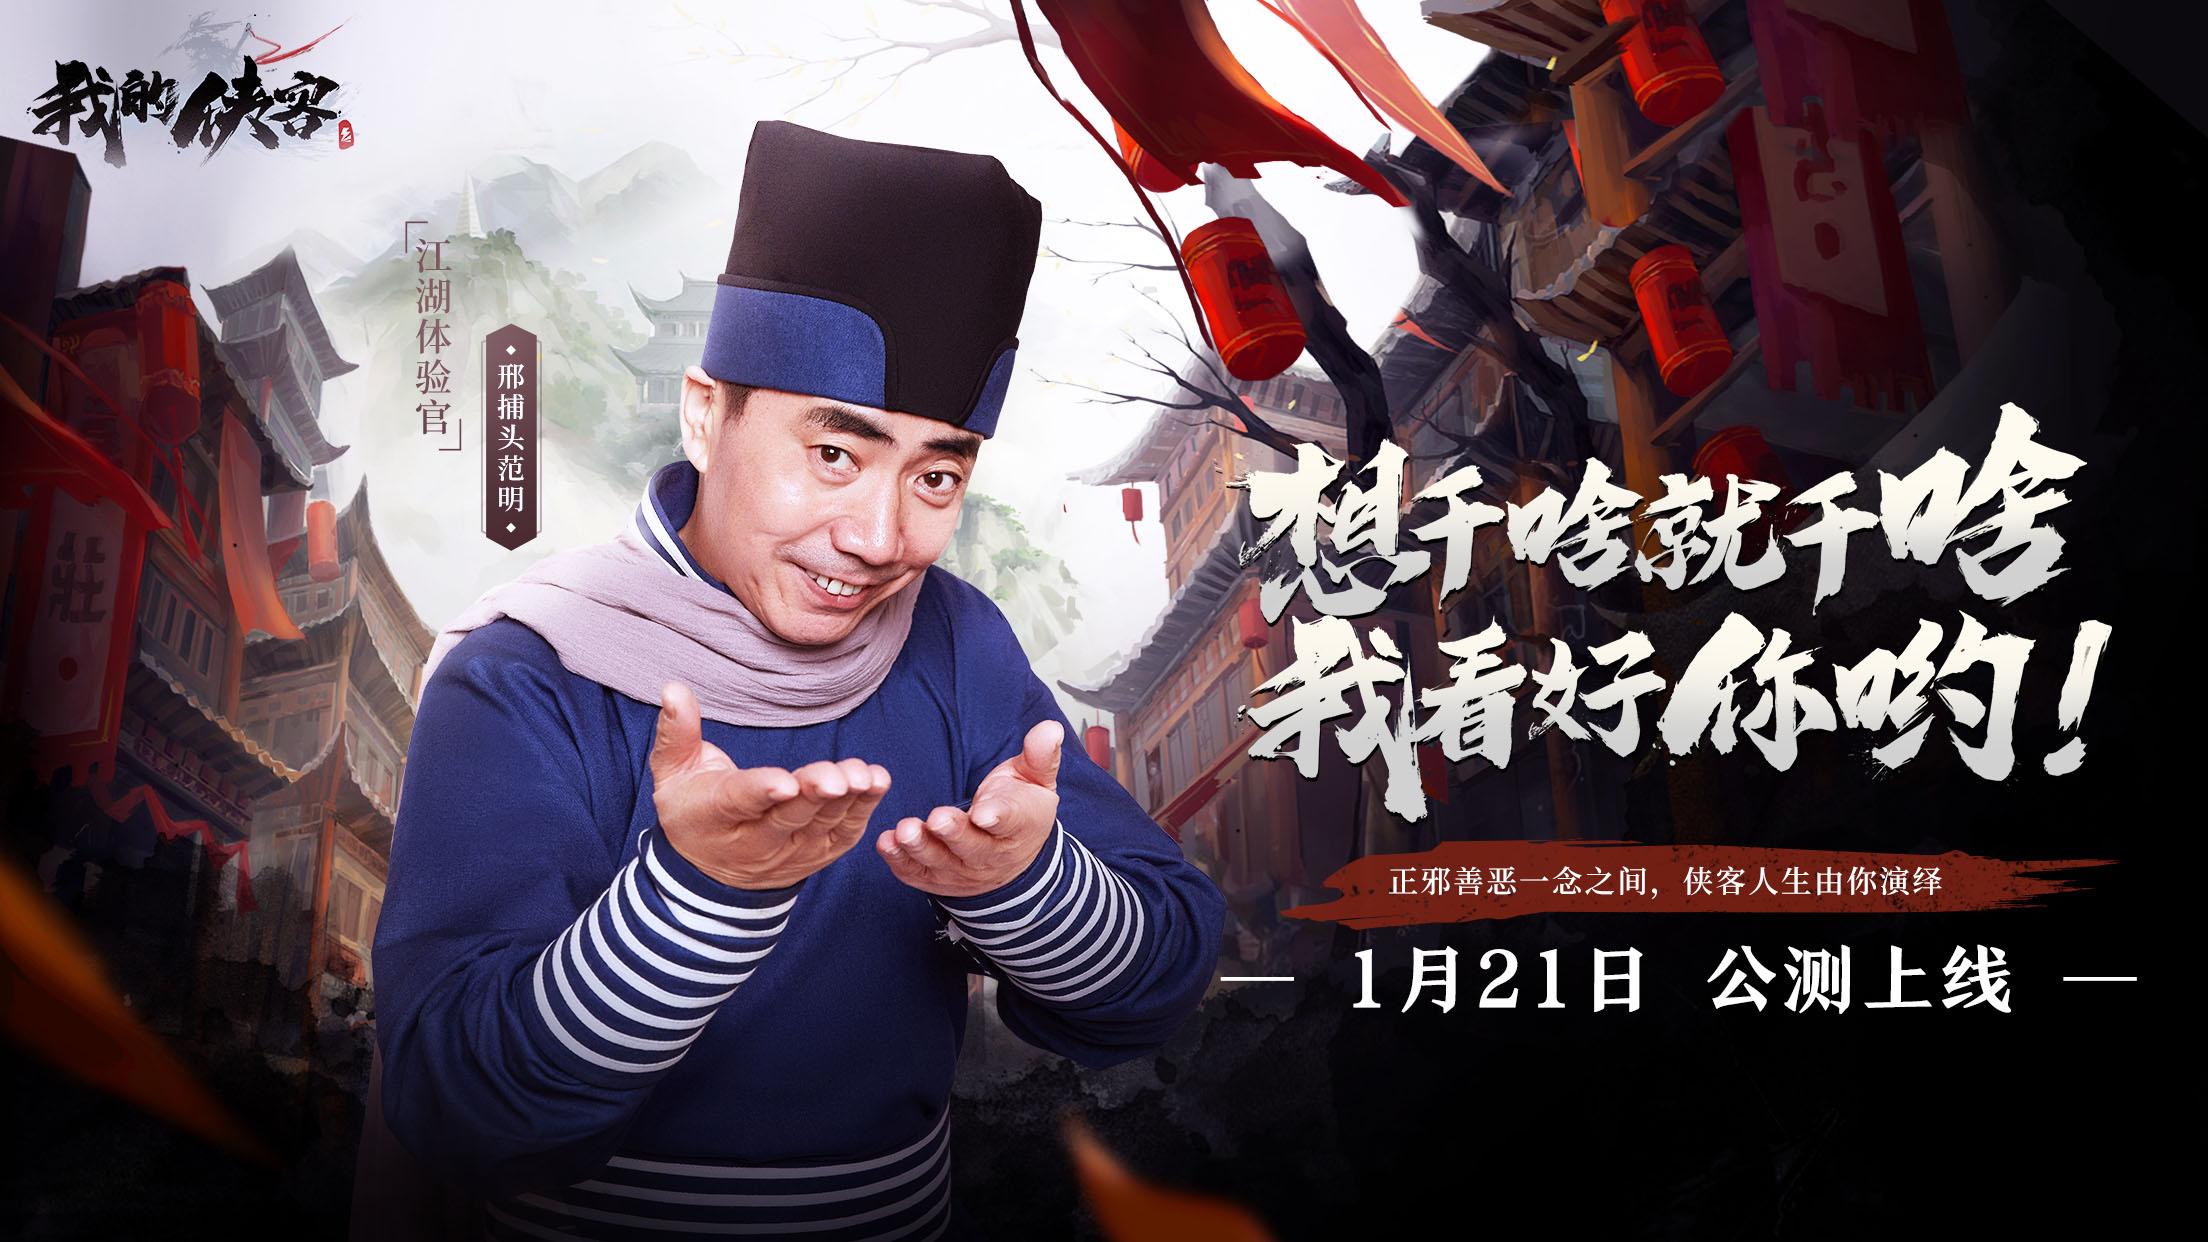 《我的侠客》江湖体验官首曝!邢捕头带你开启奇妙江湖冒险!